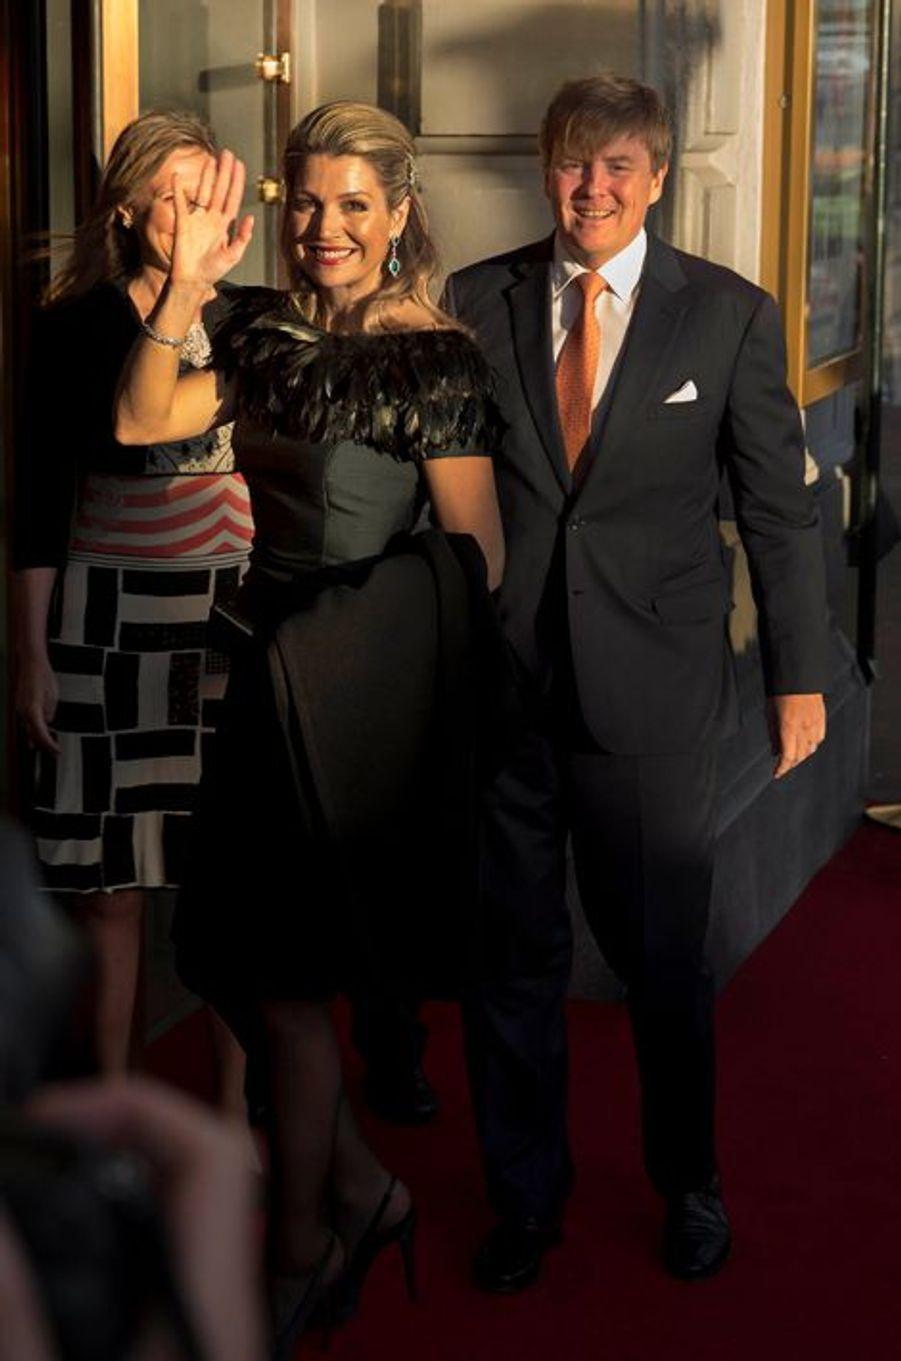 La reine Maxima et le roi Willem-Alexander des Pays-Bas à Amsterdam, le 5 mai 2015